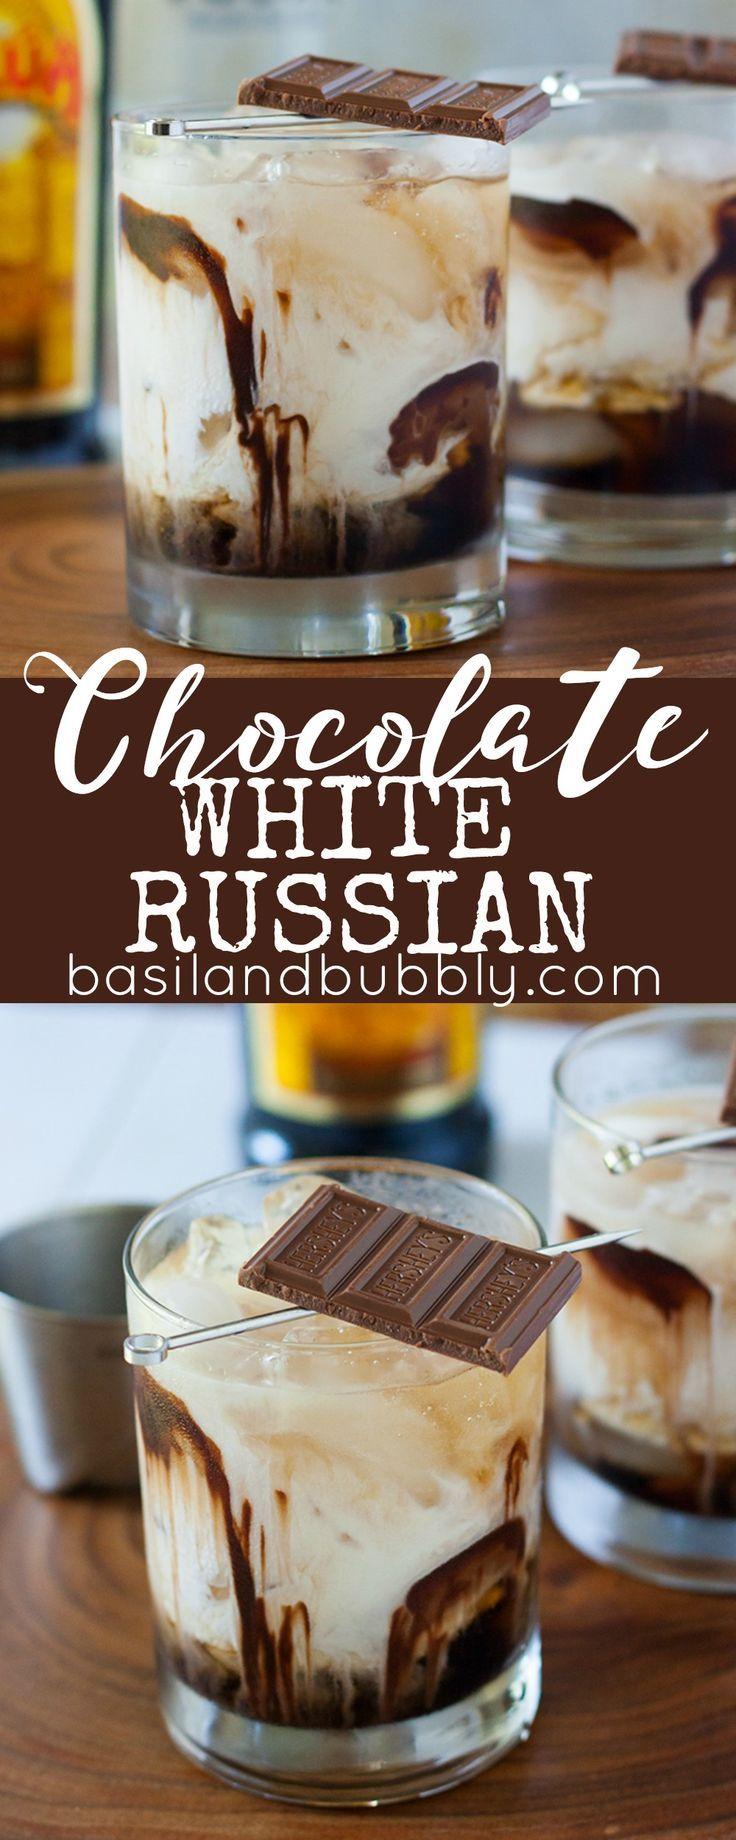 Photo of Chocolate White Russian